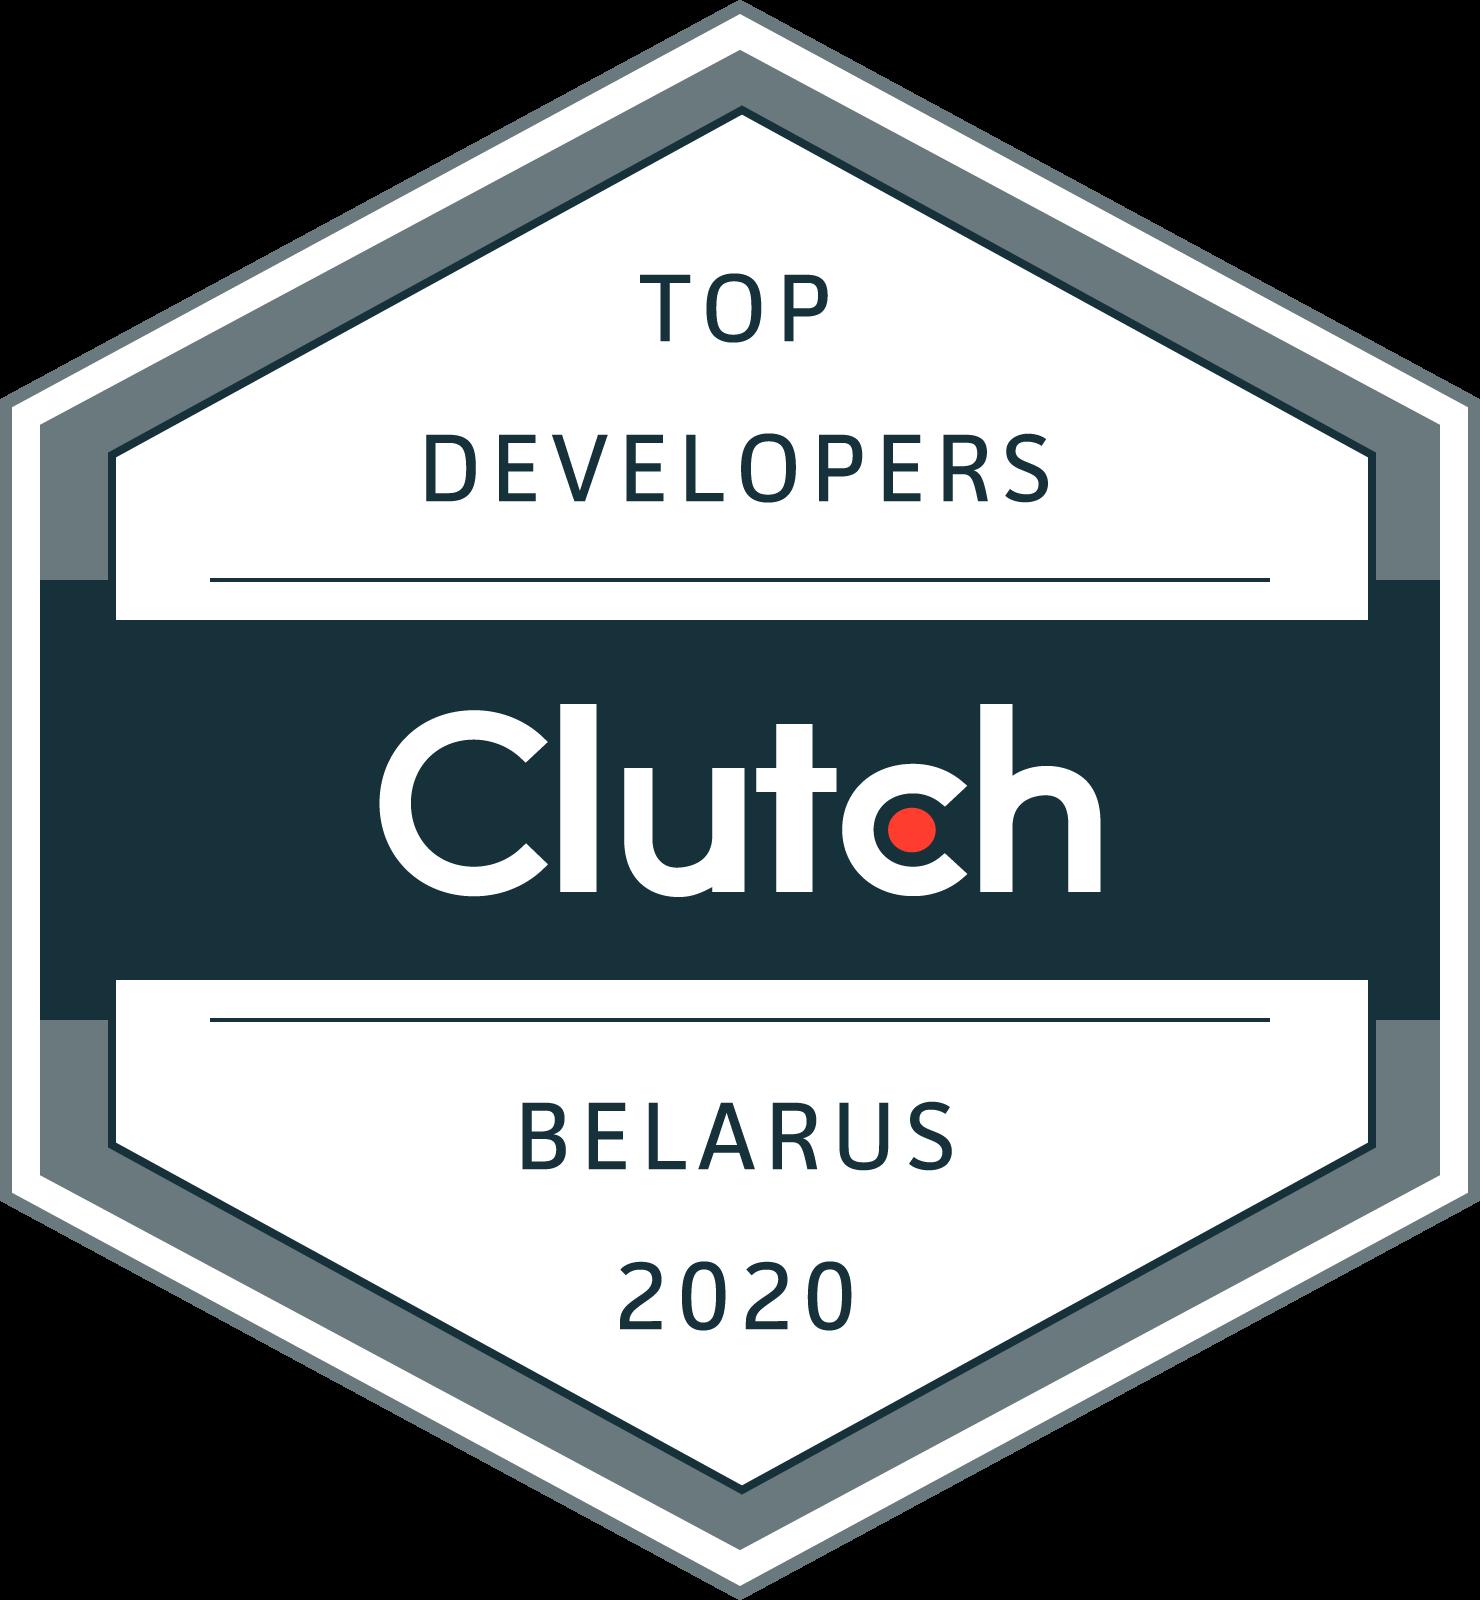 Developers_Belarus_2020